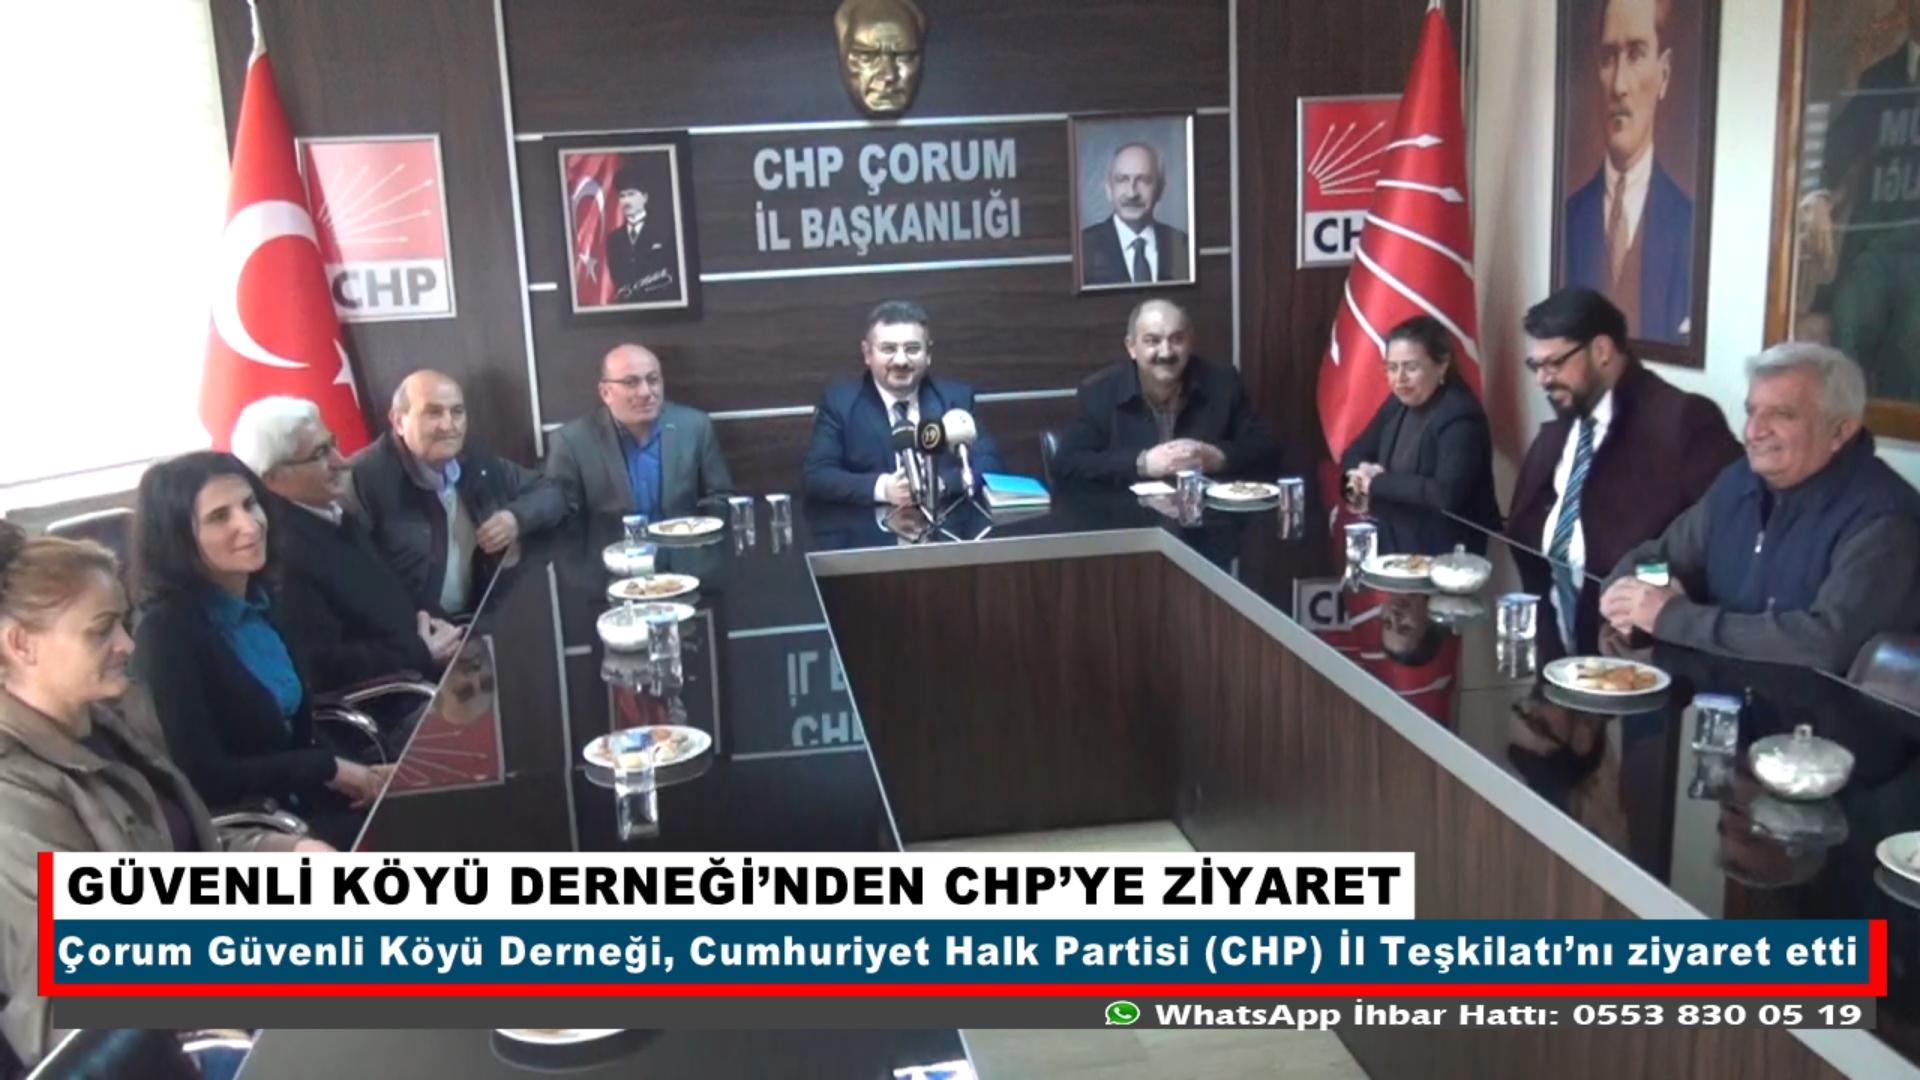 GÜVENLİ KÖYÜ DERNEĞİ'NDEN CHP'YE ZİYARET